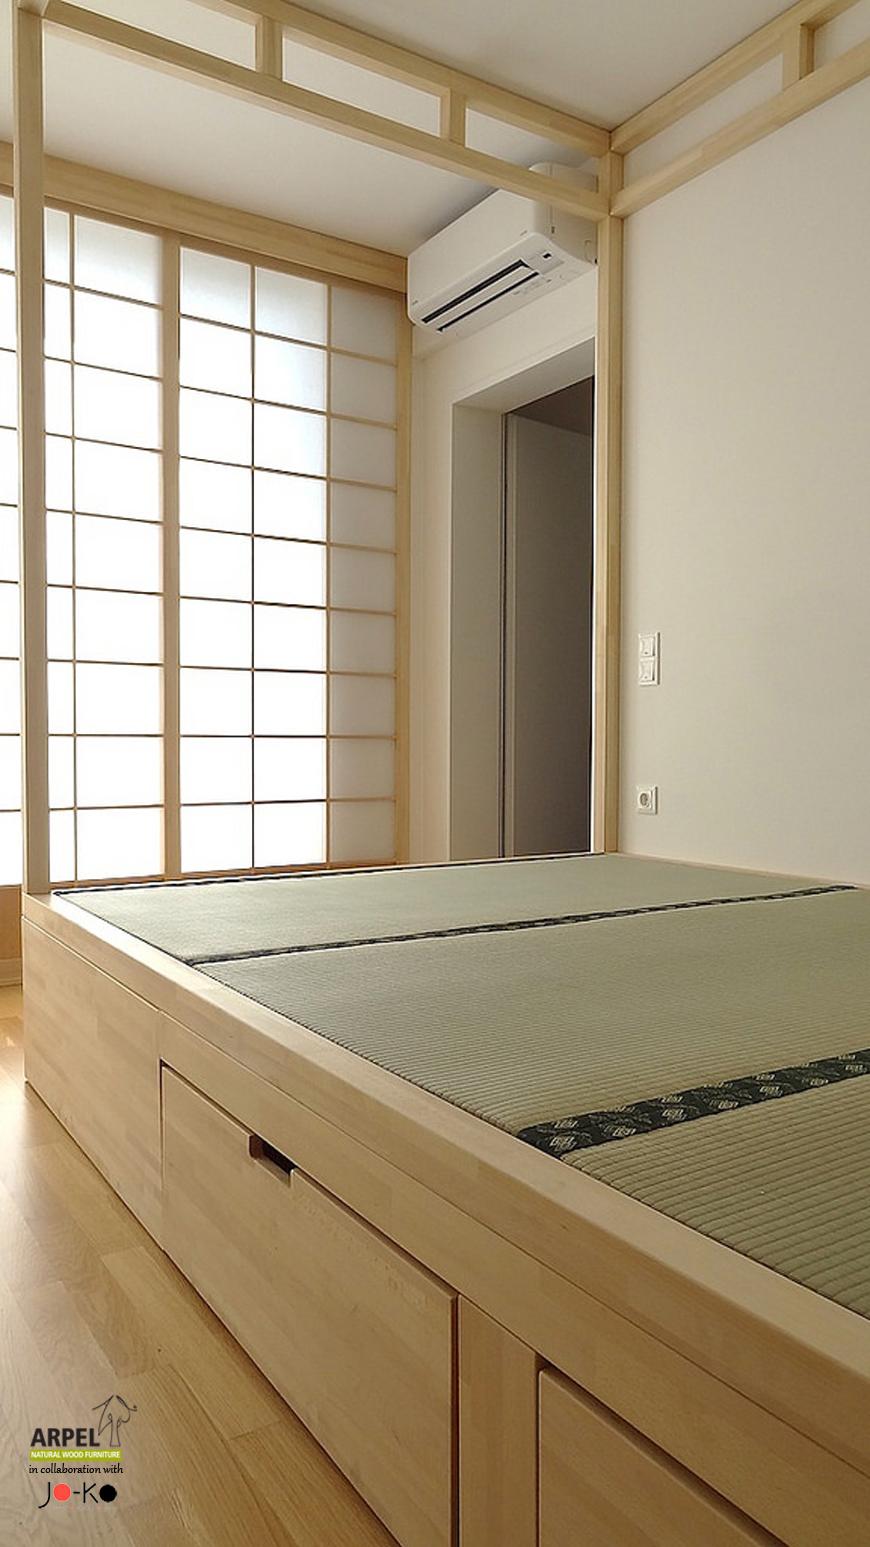 Camera Da Letto Giapponese esempio di arredamento su misura con pareti shoji (foto)